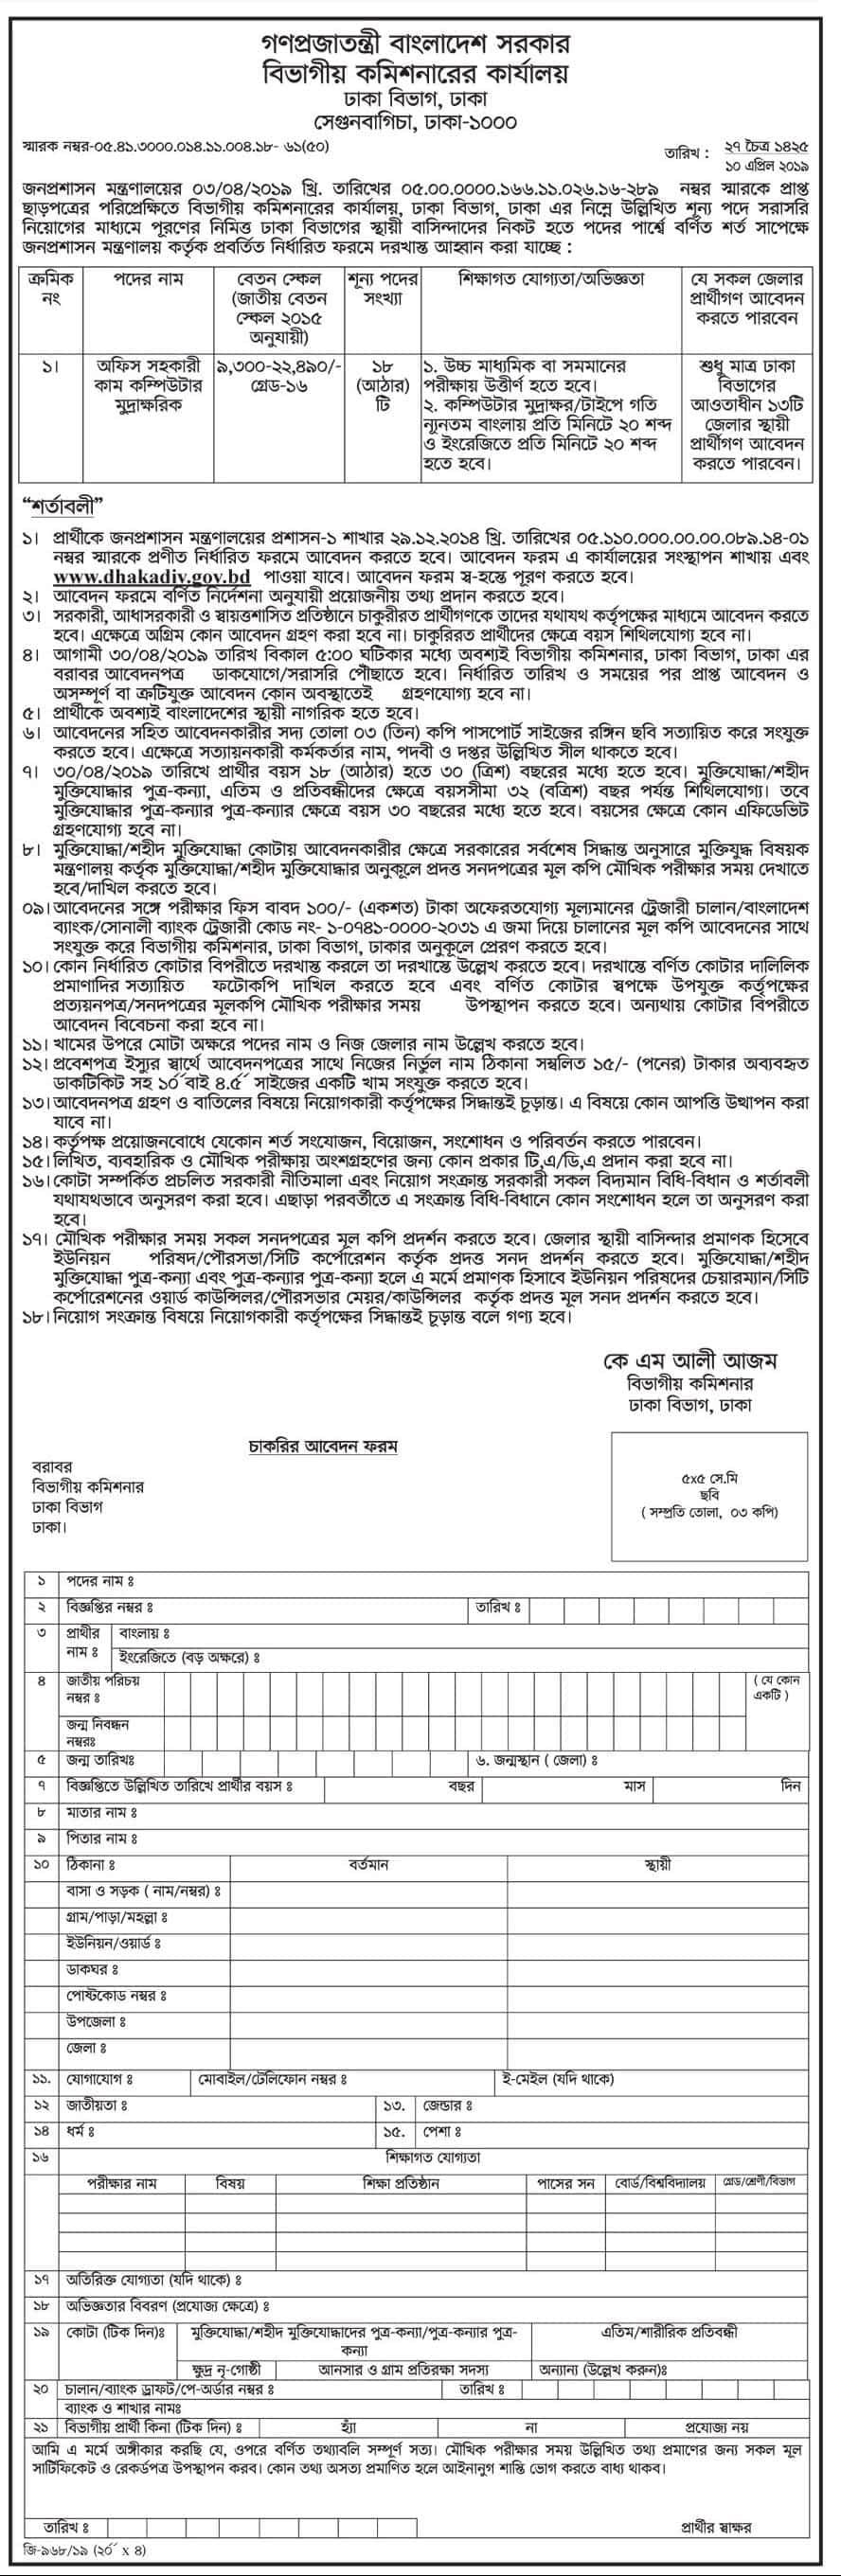 Income Tax Dhaka Division BD Govt Job Circular